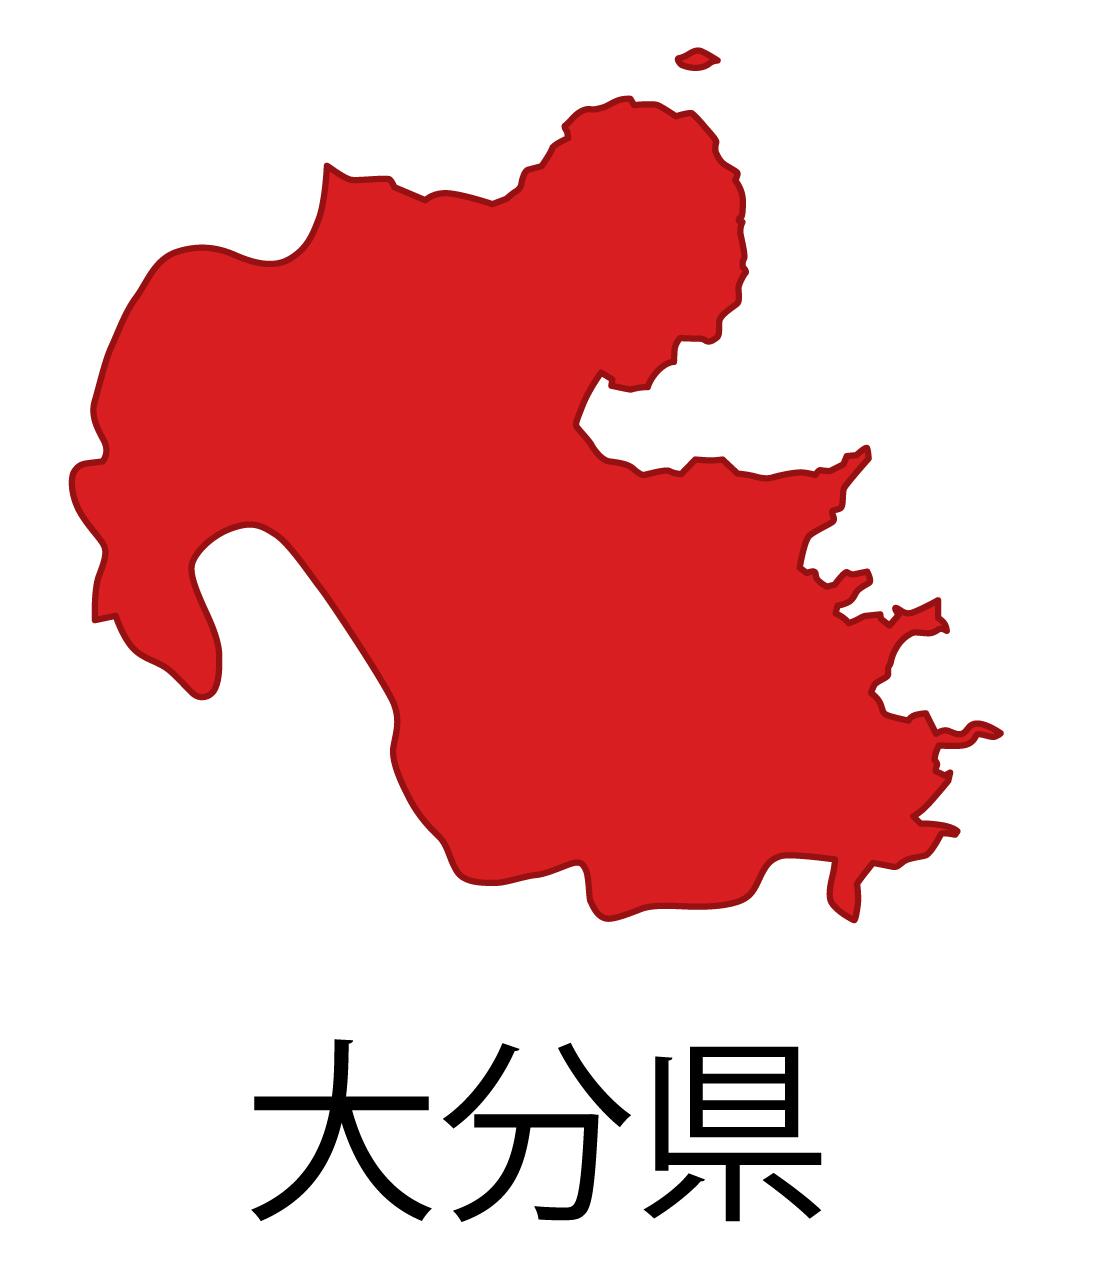 大分県無料フリーイラスト|日本語・都道府県名あり(赤)